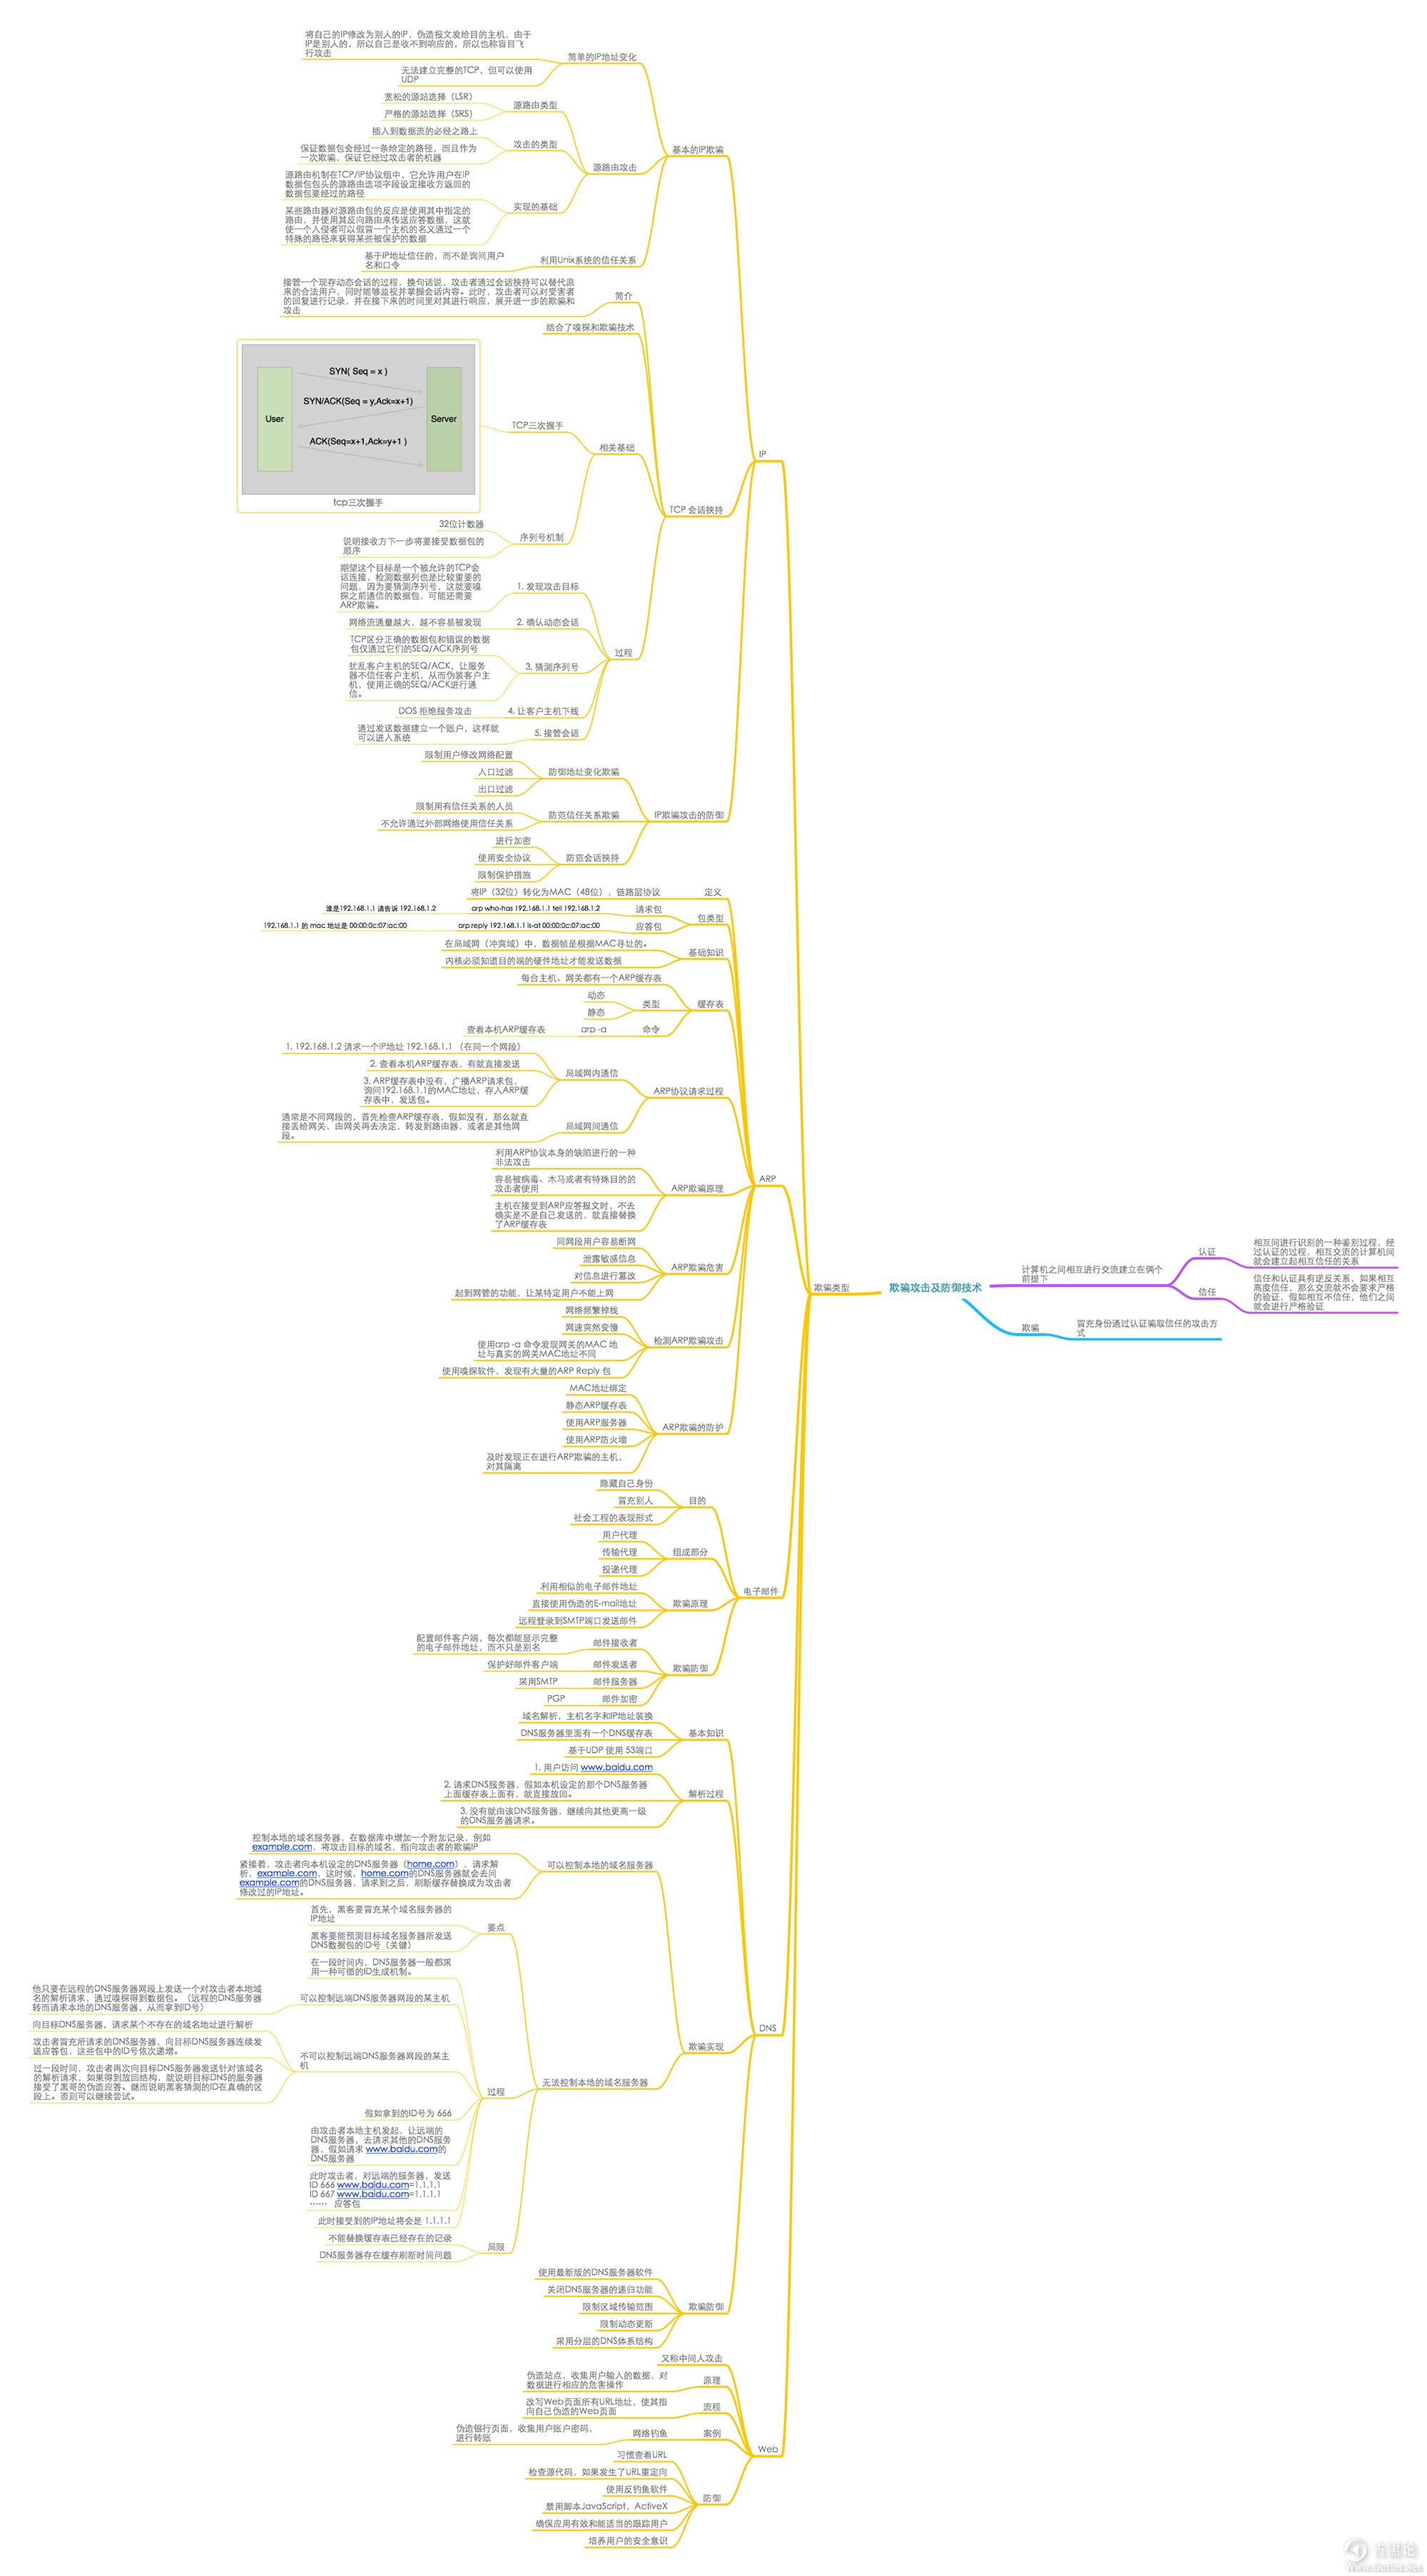 网络安全学习导图(图片约6M) 5-欺骗攻击.jpg